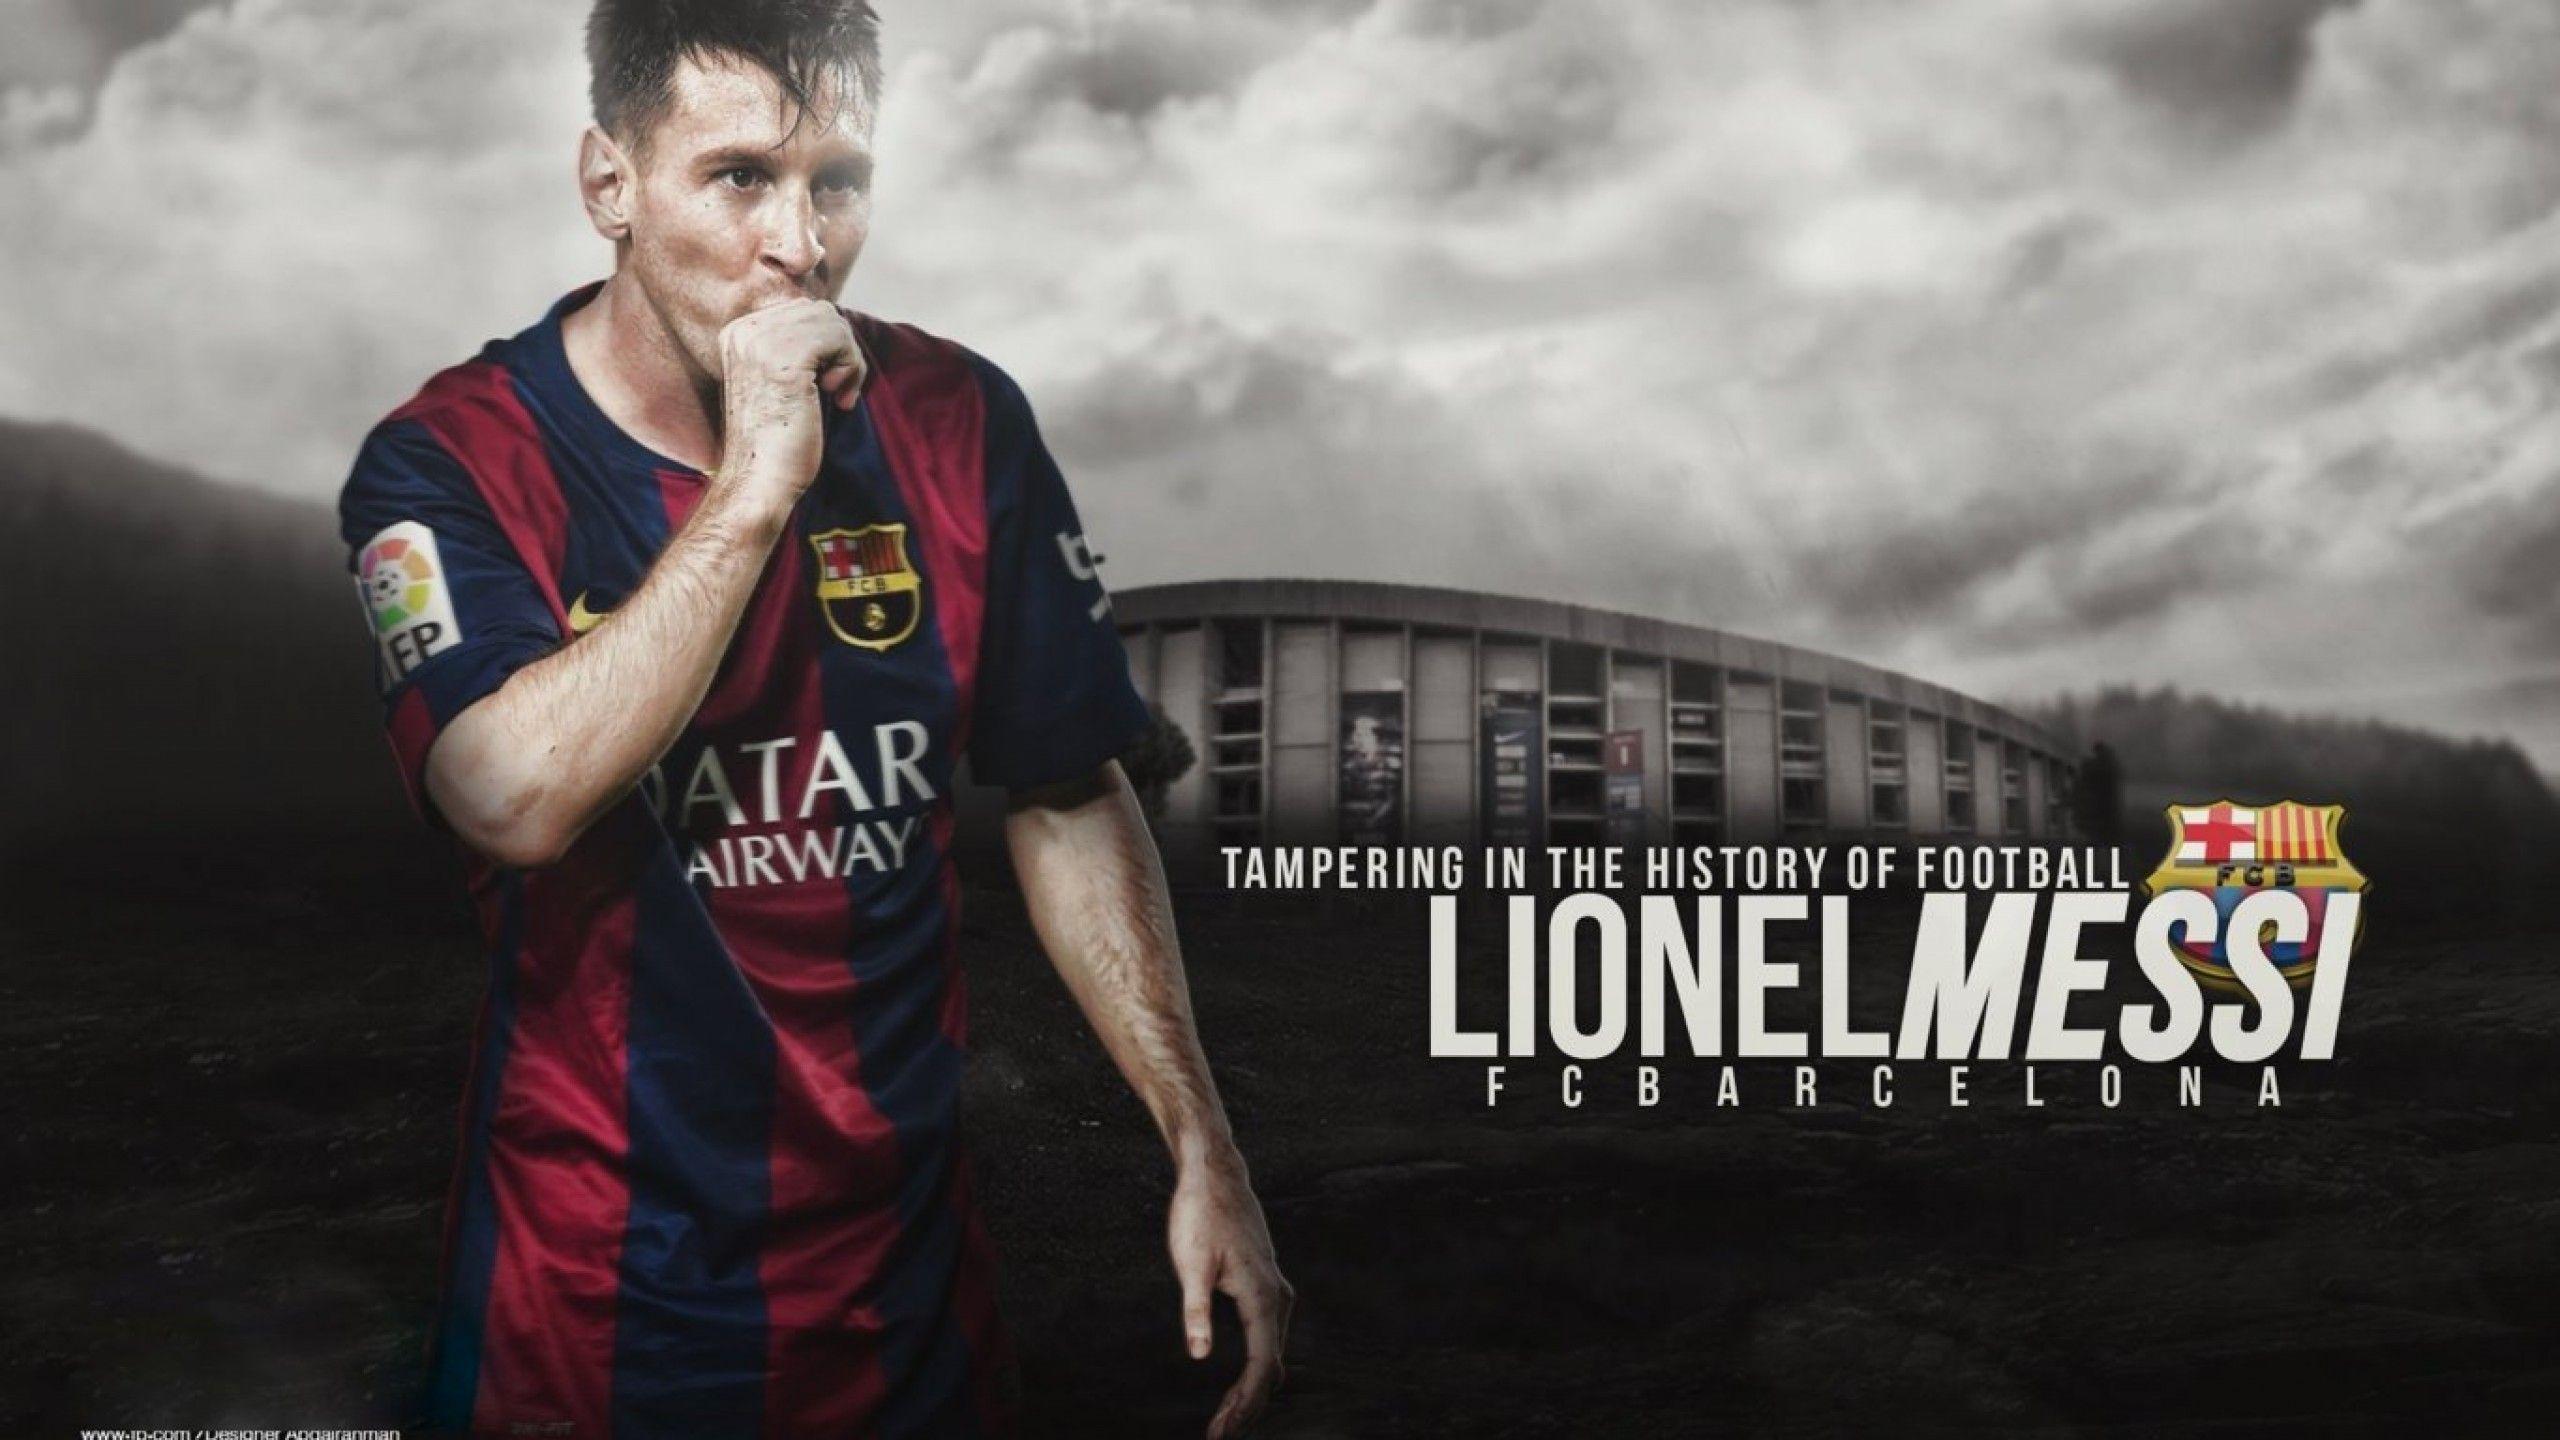 Lionel Messi Fond D Ecran Hd 1080p Fond D Ecran Hd 1080p Telechargement Gratuit Pour Mobile 2560x1440 Wallpapertip